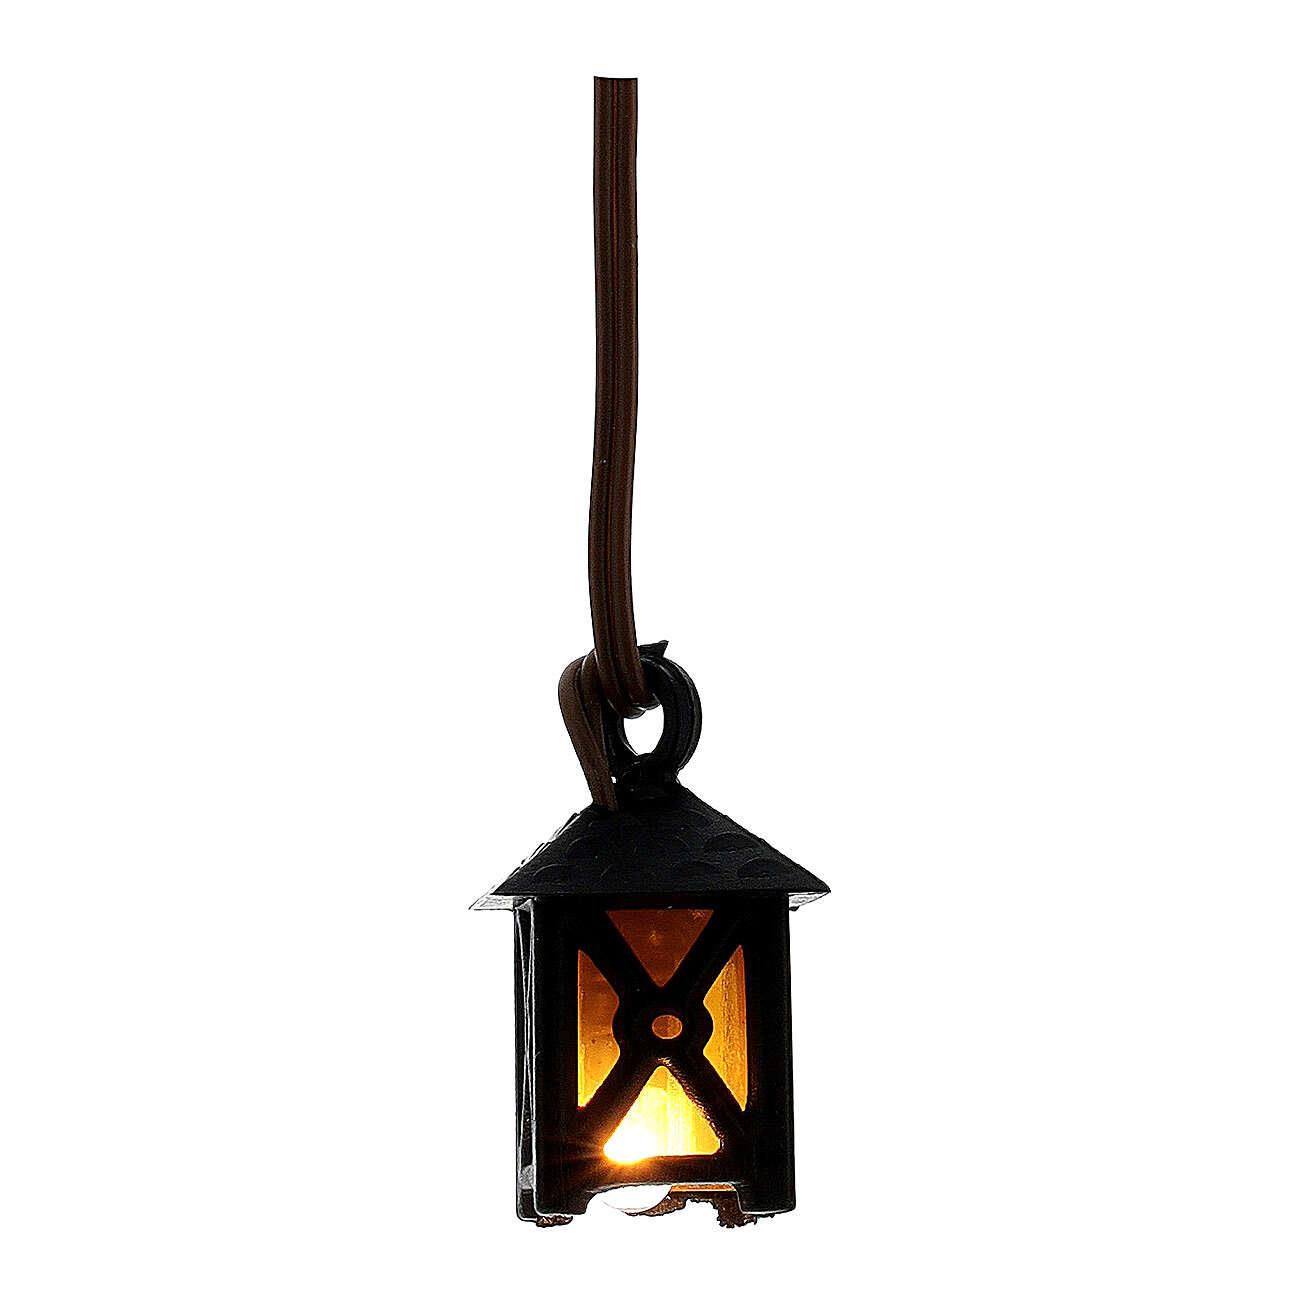 Lampion do szopki żółte światło niski woltaż 4